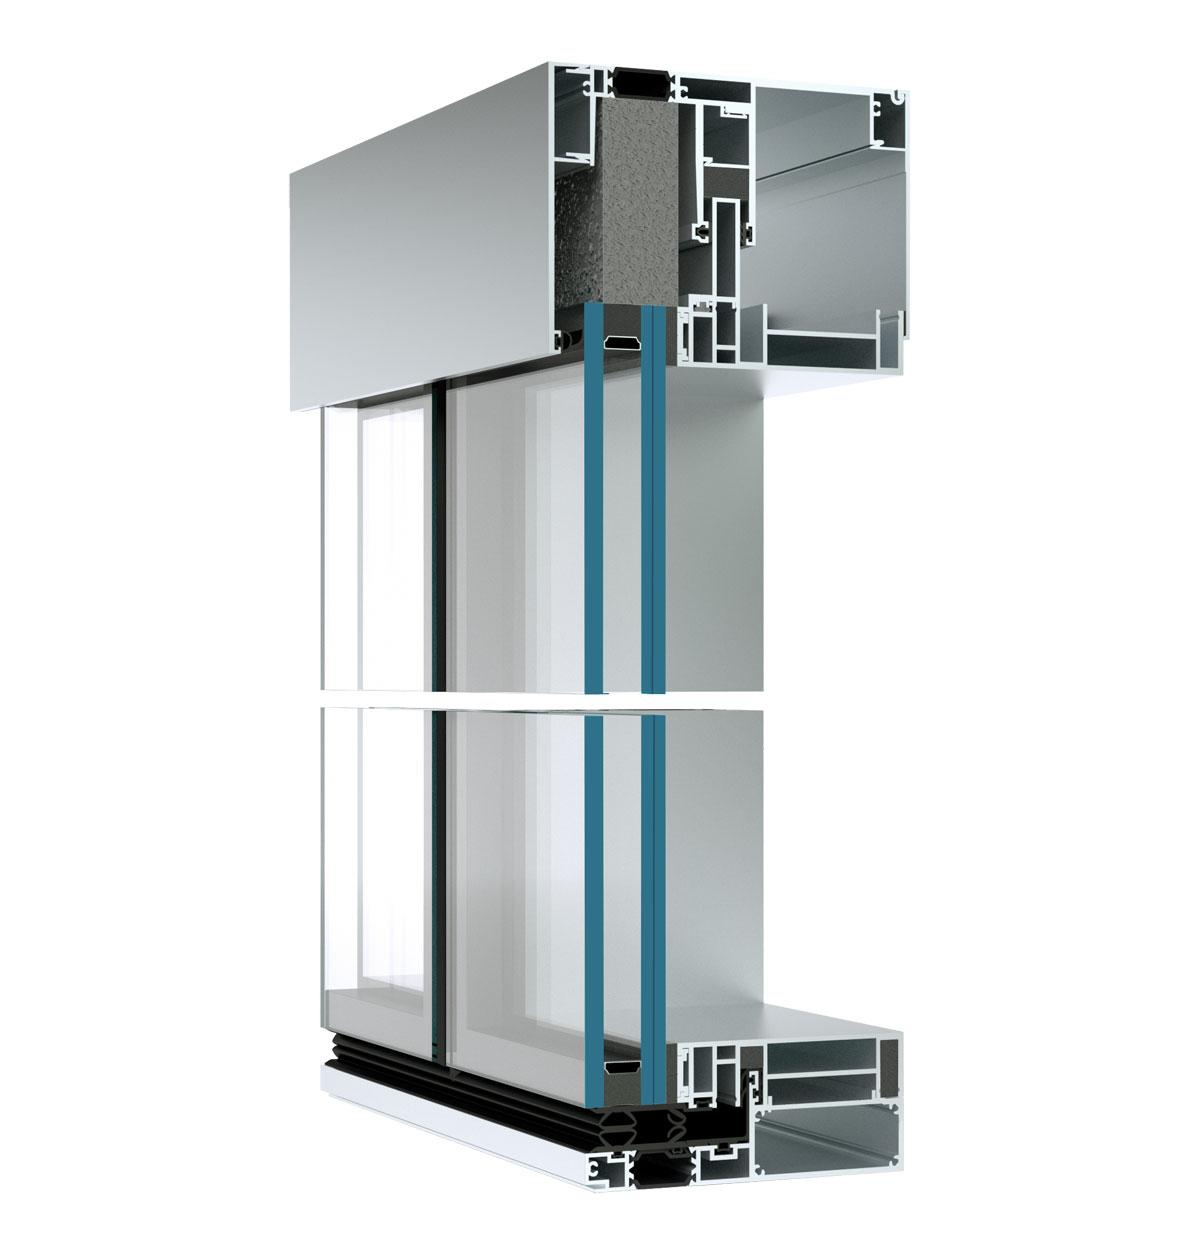 Systém výplňovej prvkovej steny MB SE80 SG WW.